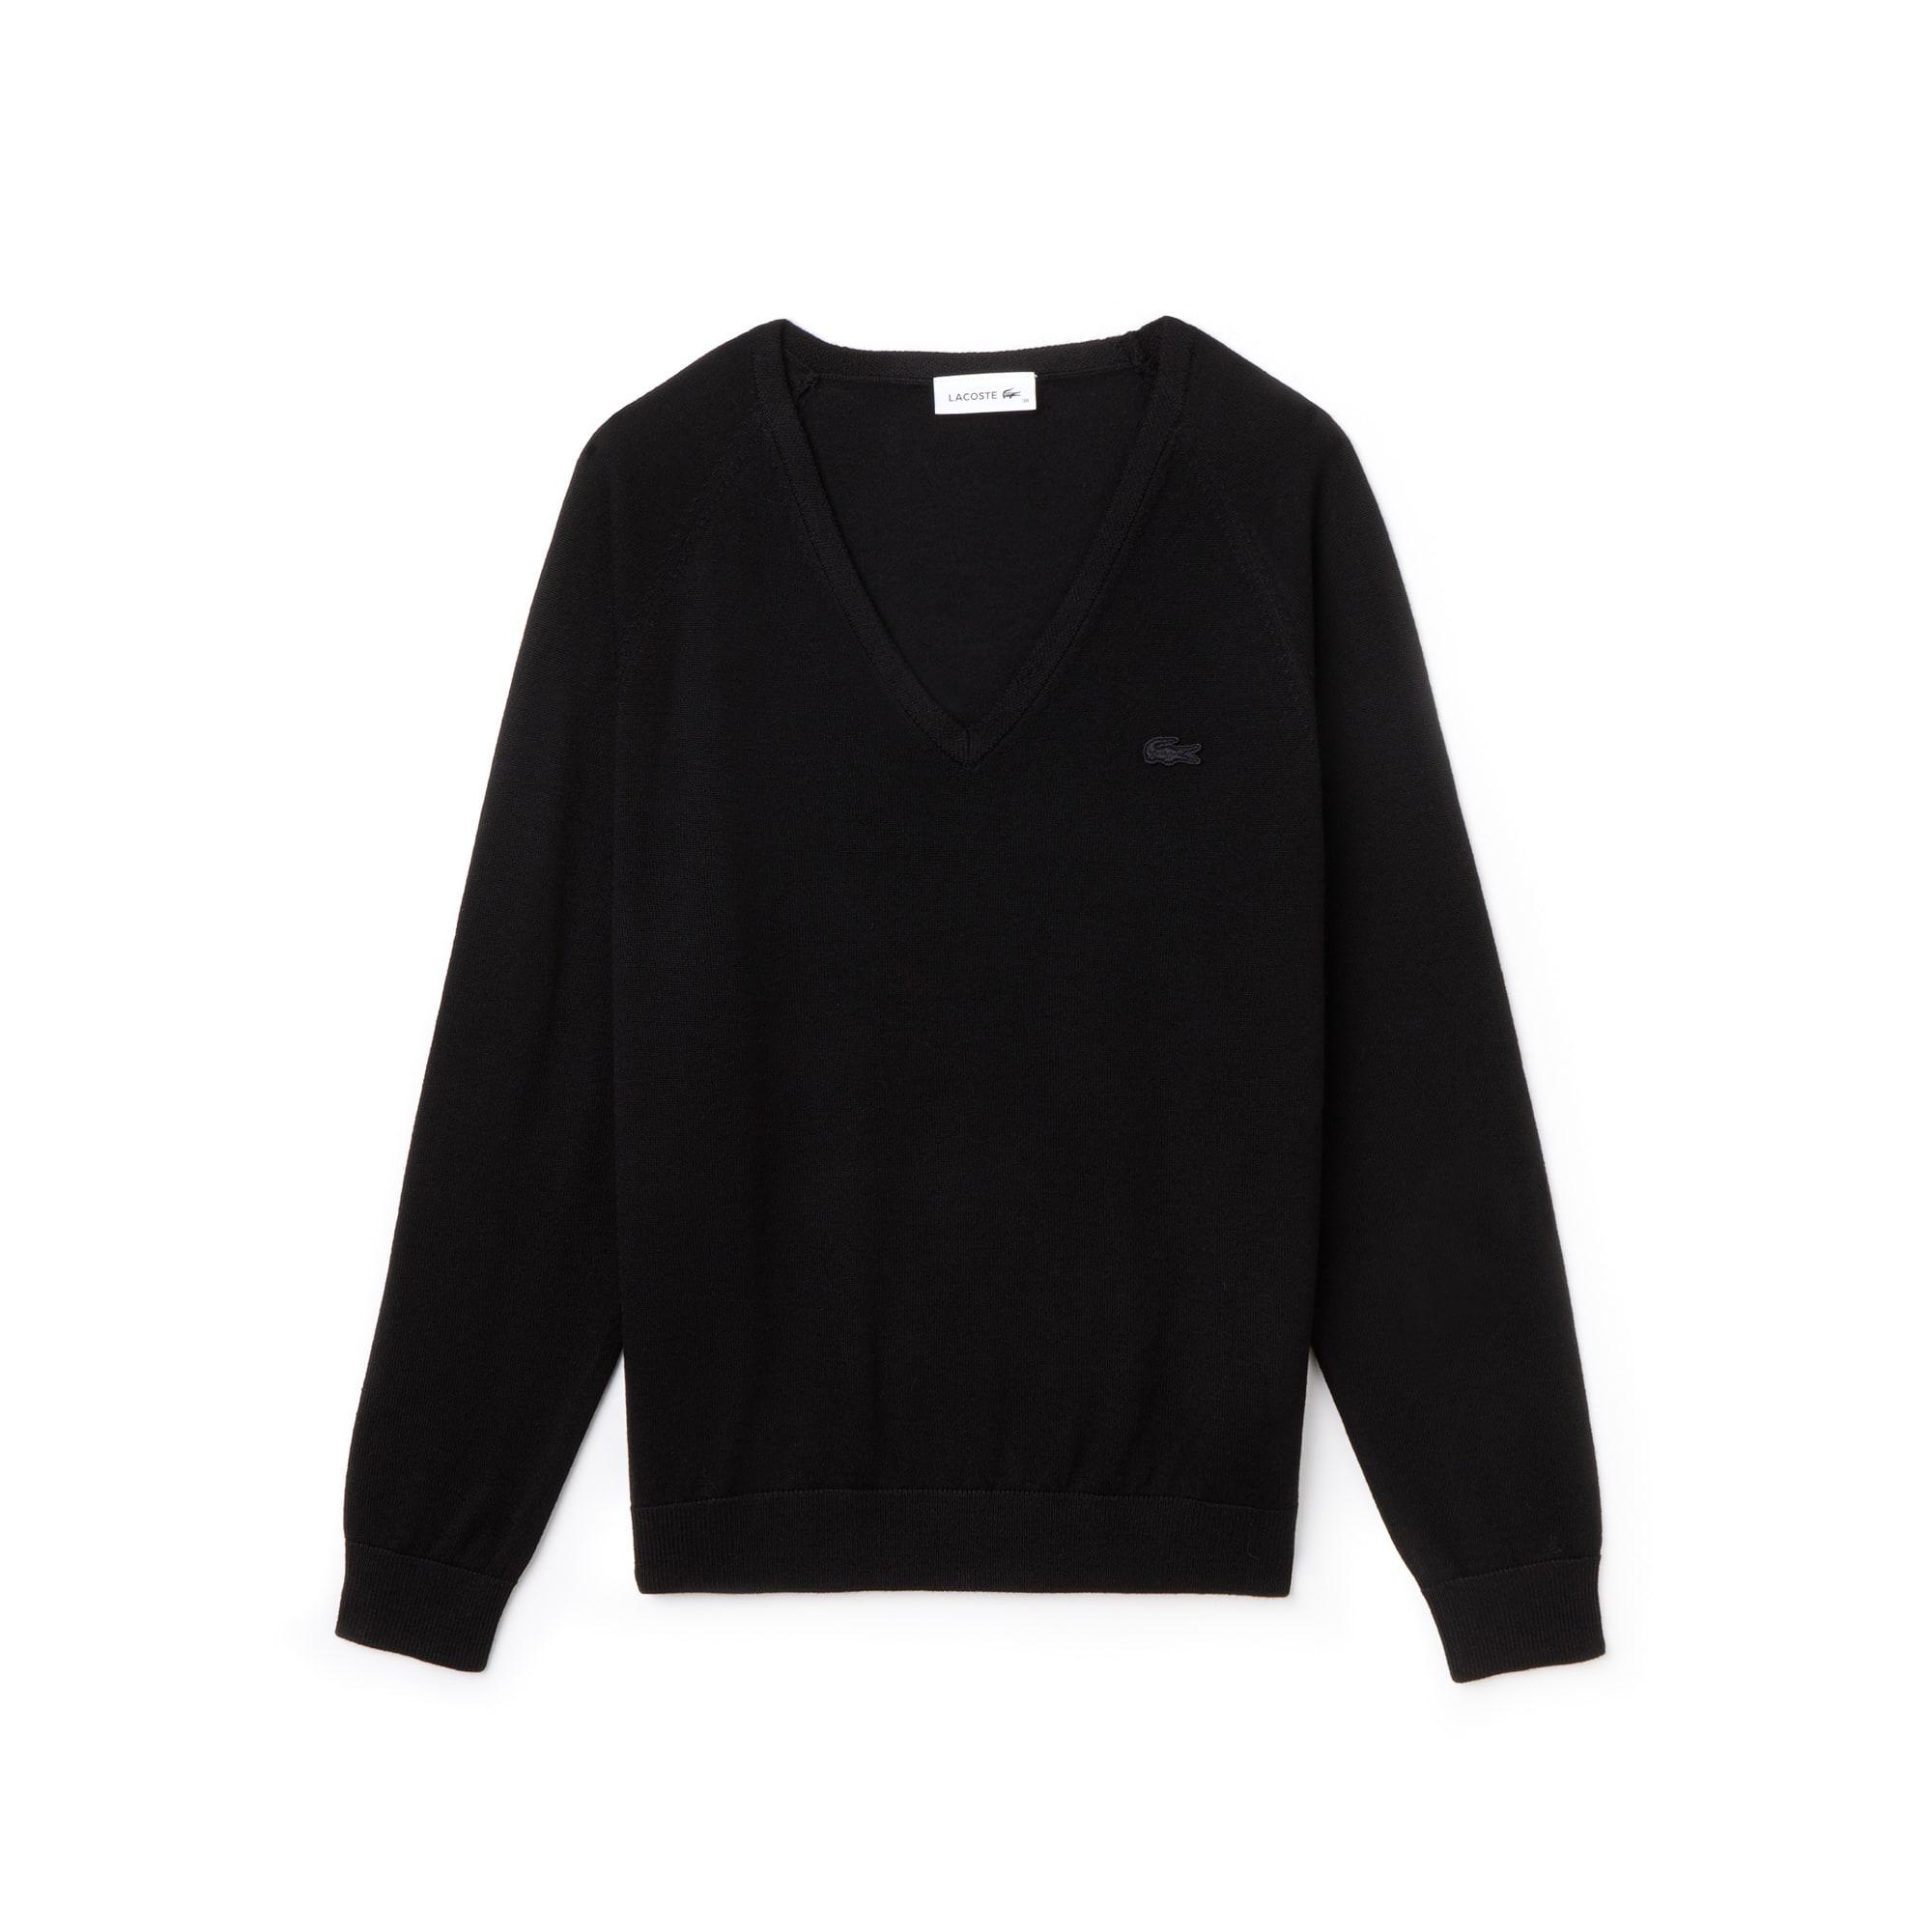 Women's V-neck Wool Jersey Sweater